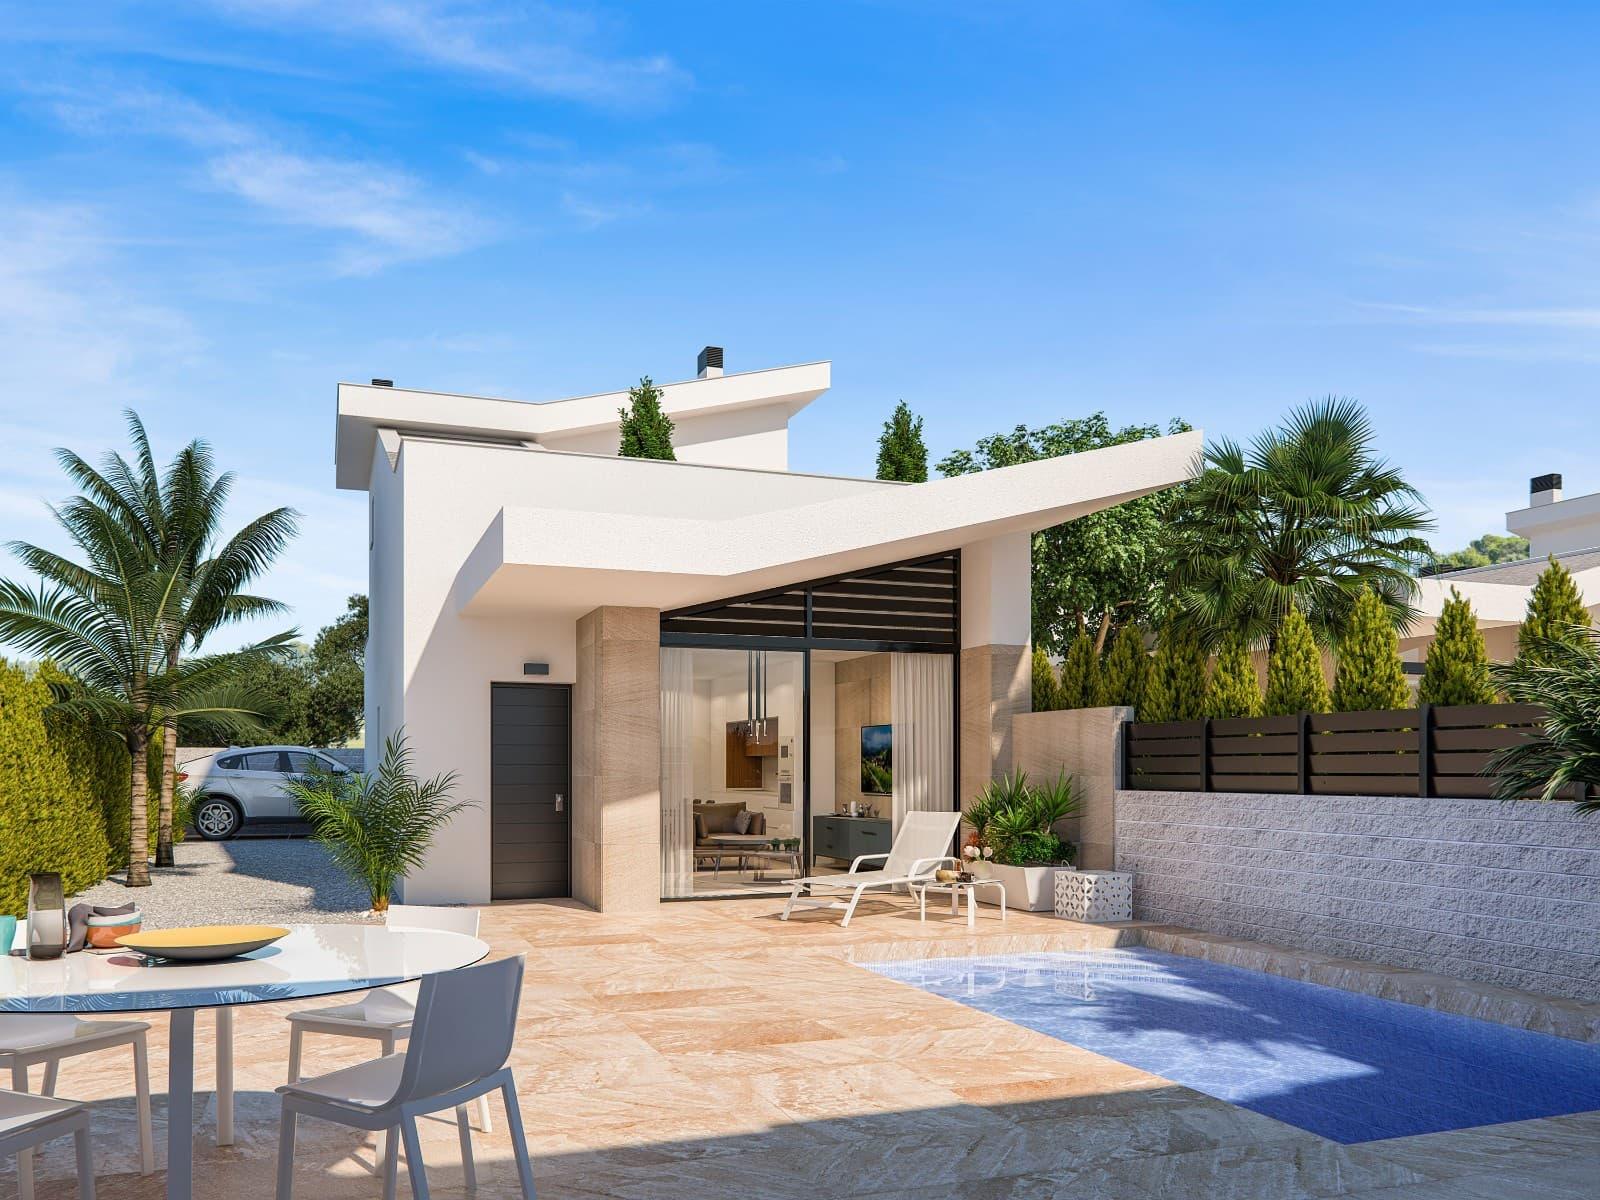 Chalet de 3 habitaciones en Benijófar en venta con piscina - 274.900 € (Ref: 5098827)